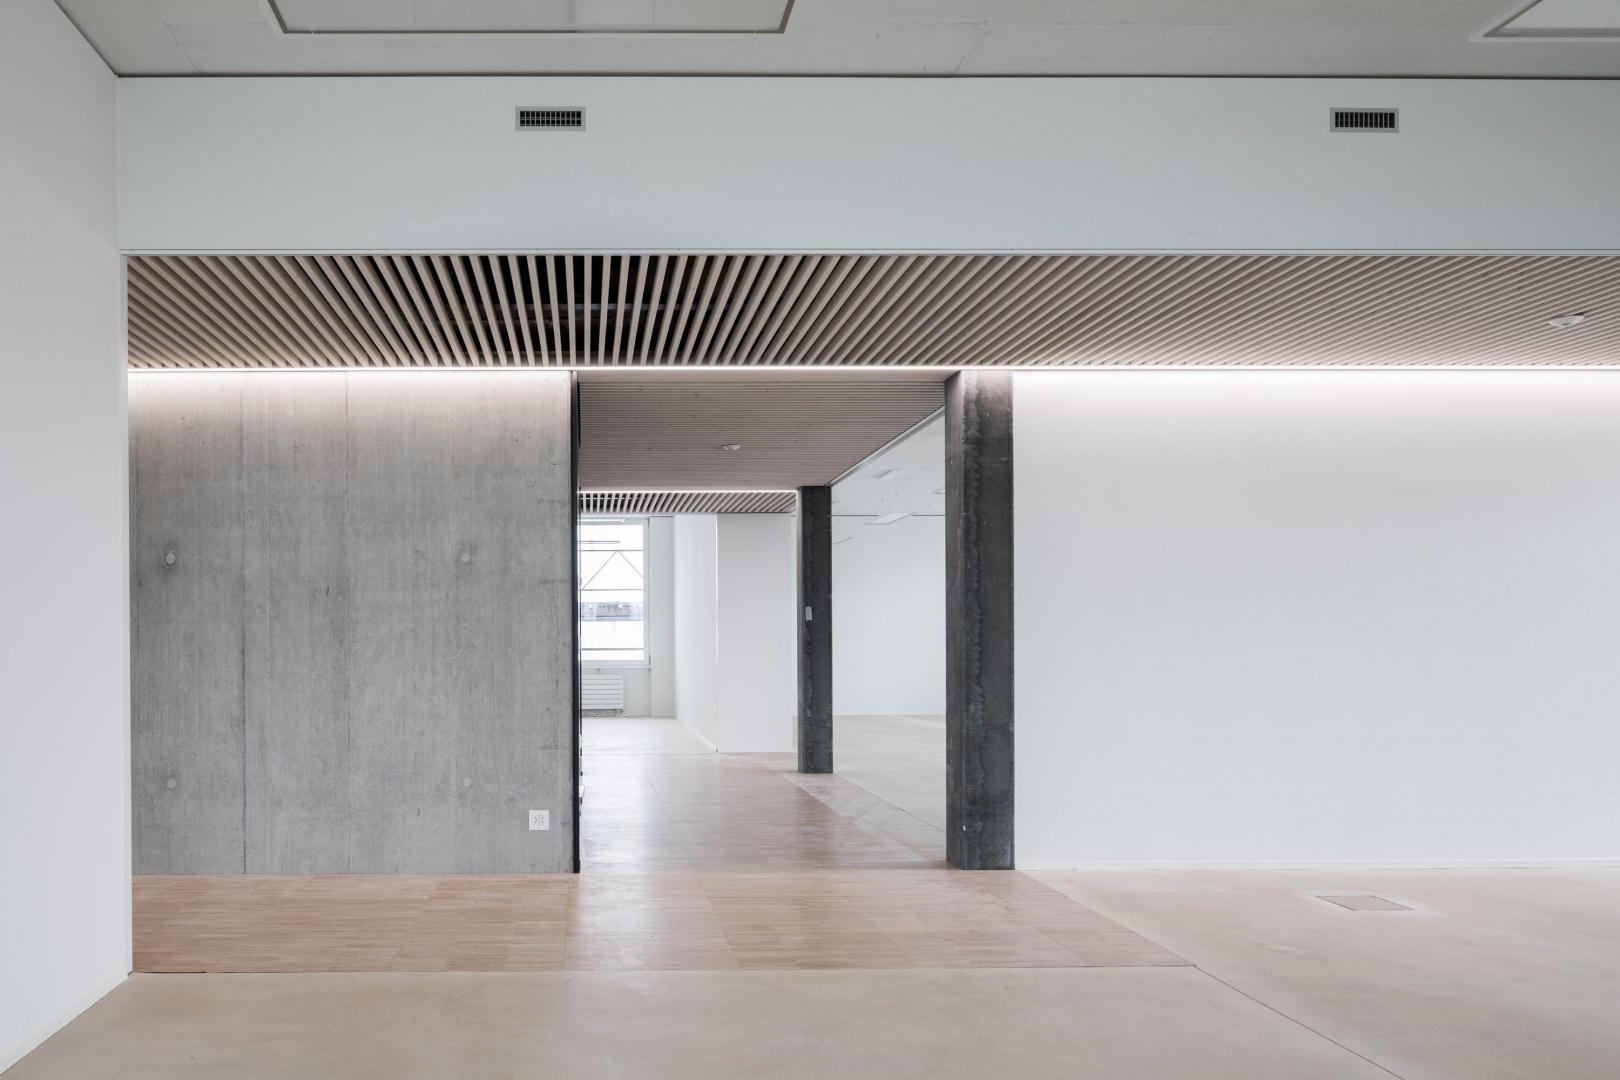 Innenraum Bürogebäude 3-Plan © Architektur: Bob Gysin Partner, Zürich; Fotografie: Dominique Marc Wehrli, Winterthur